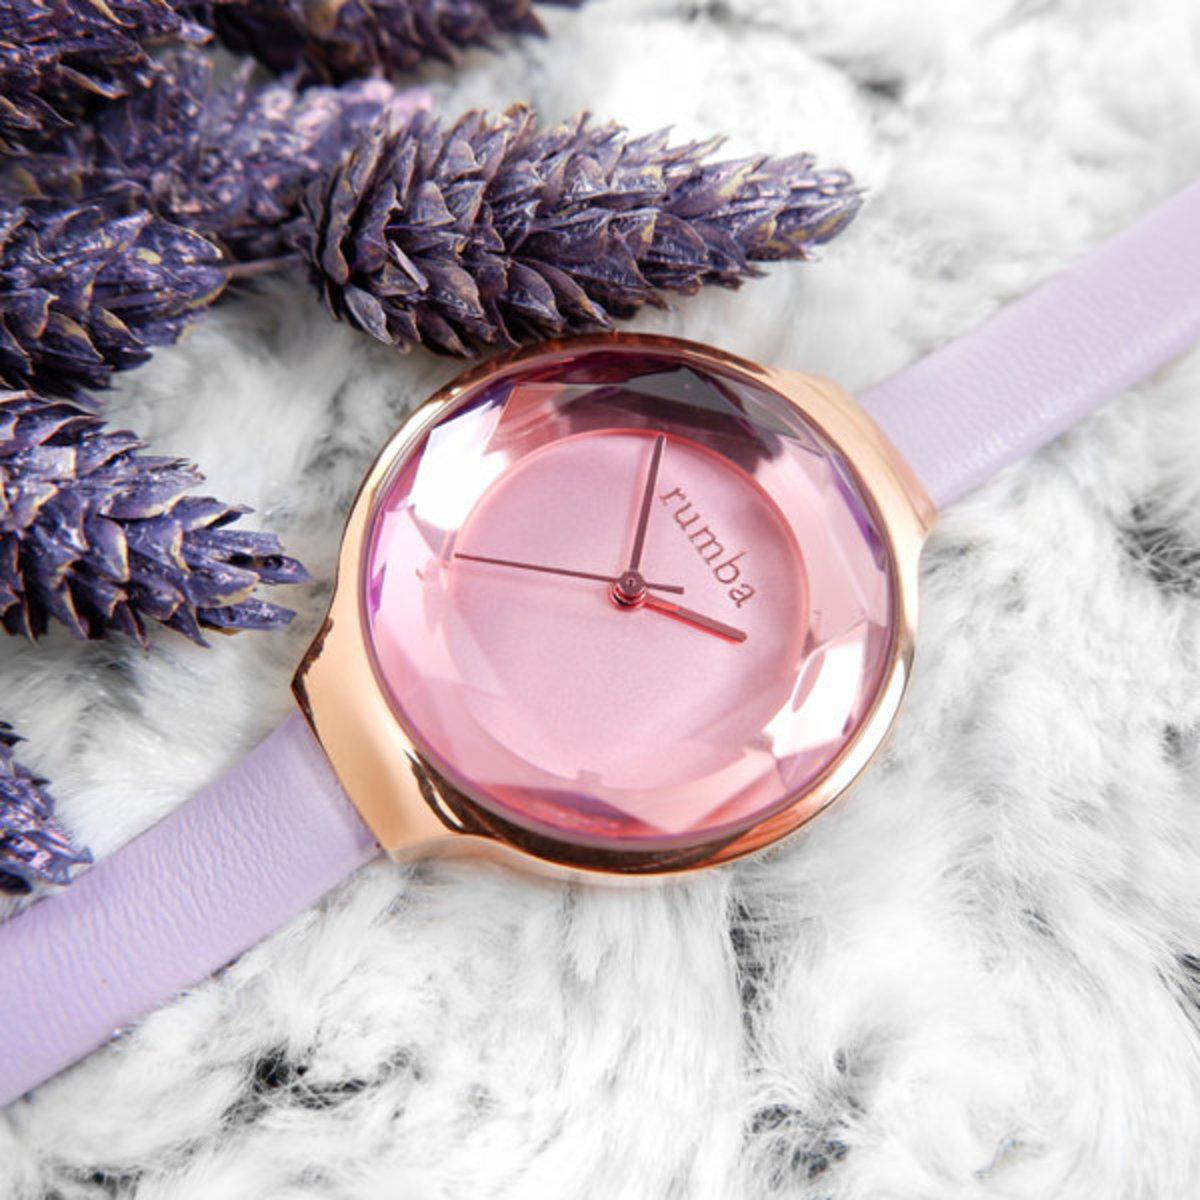 薰衣草紫色寶石切面真皮腕錶